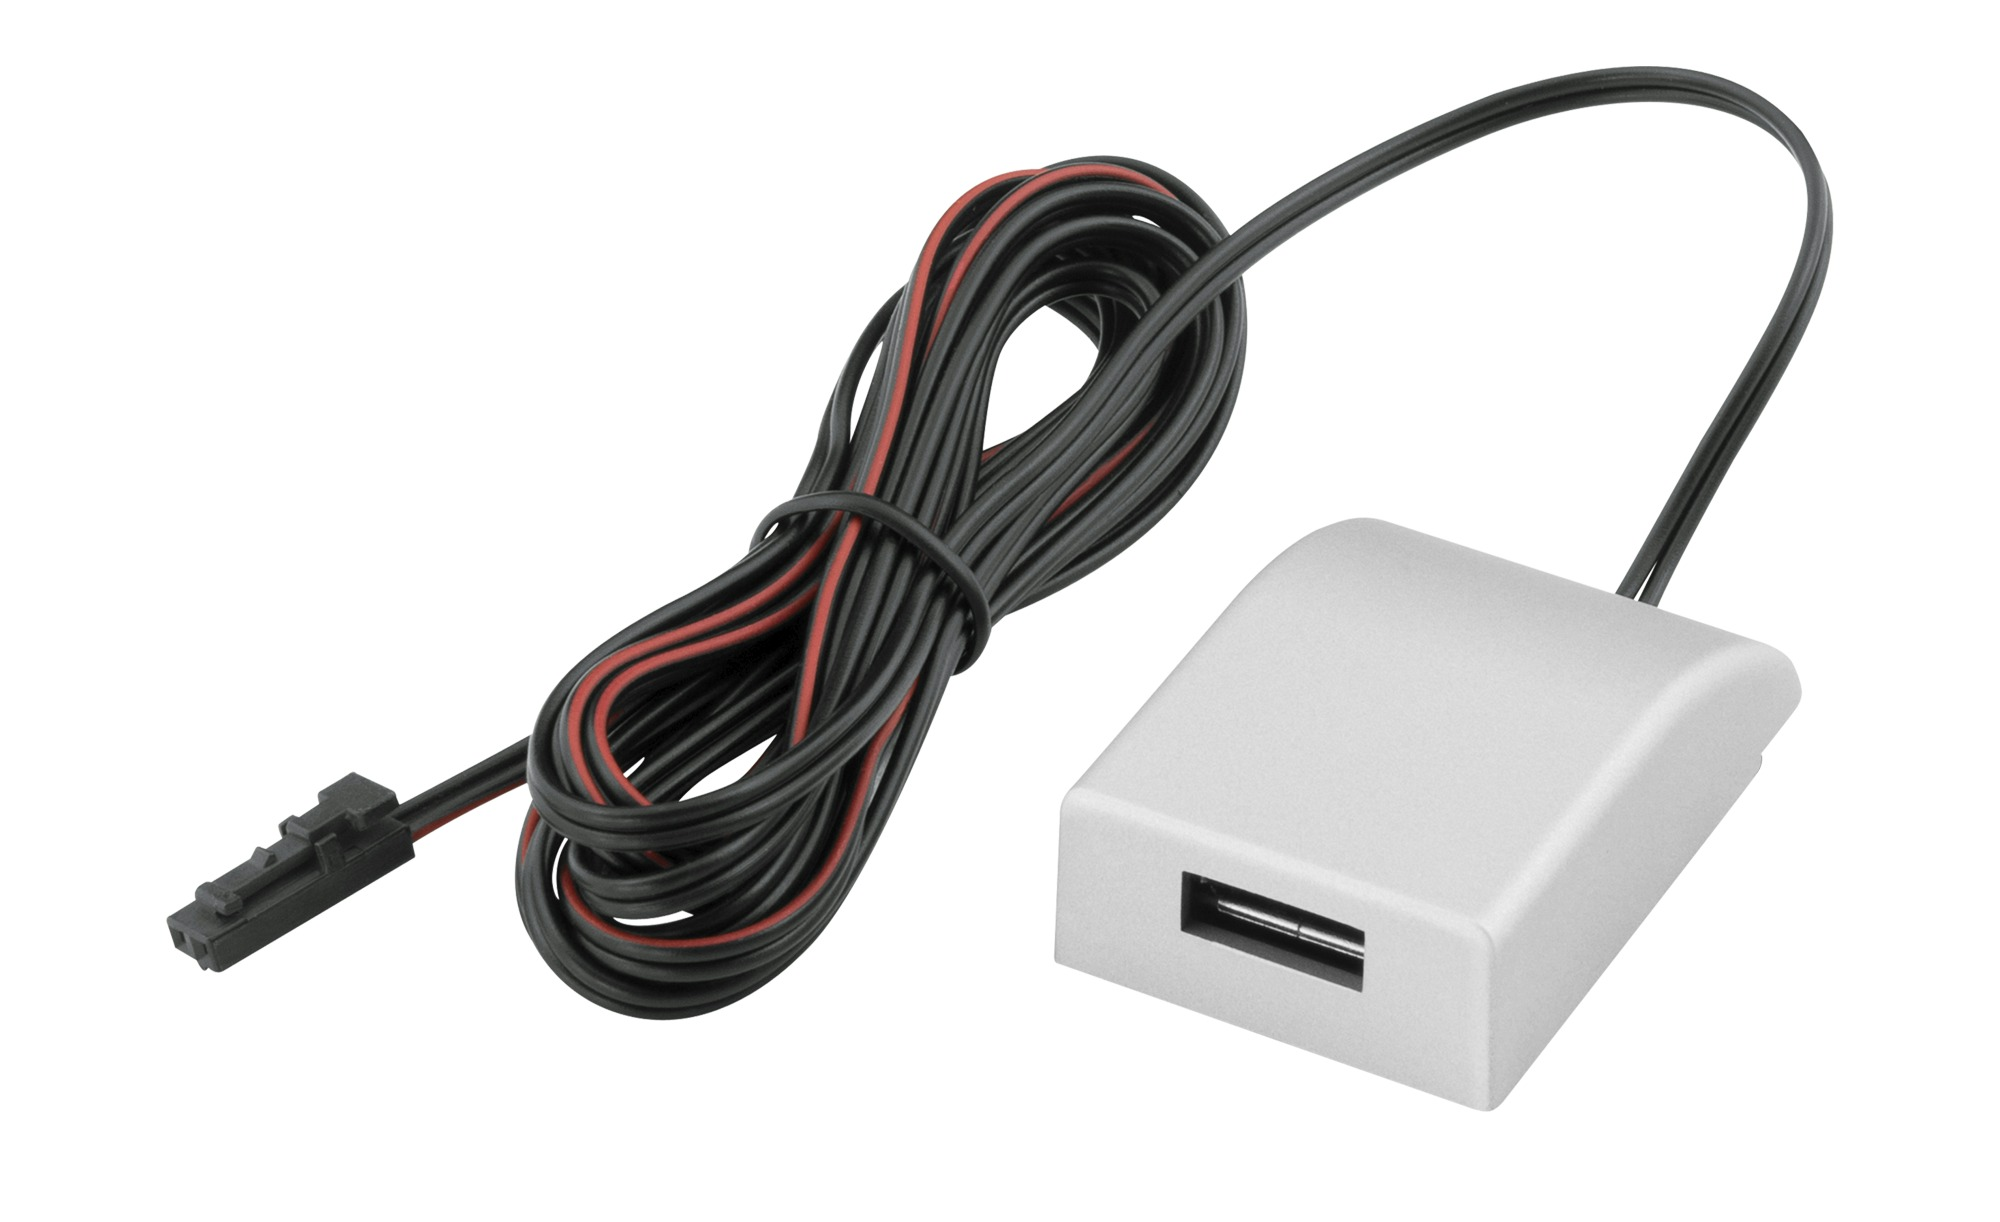 USB-Steckdose  Holly ¦ mehrfarbig Sonstiges Zubehör - Höffner günstig online kaufen